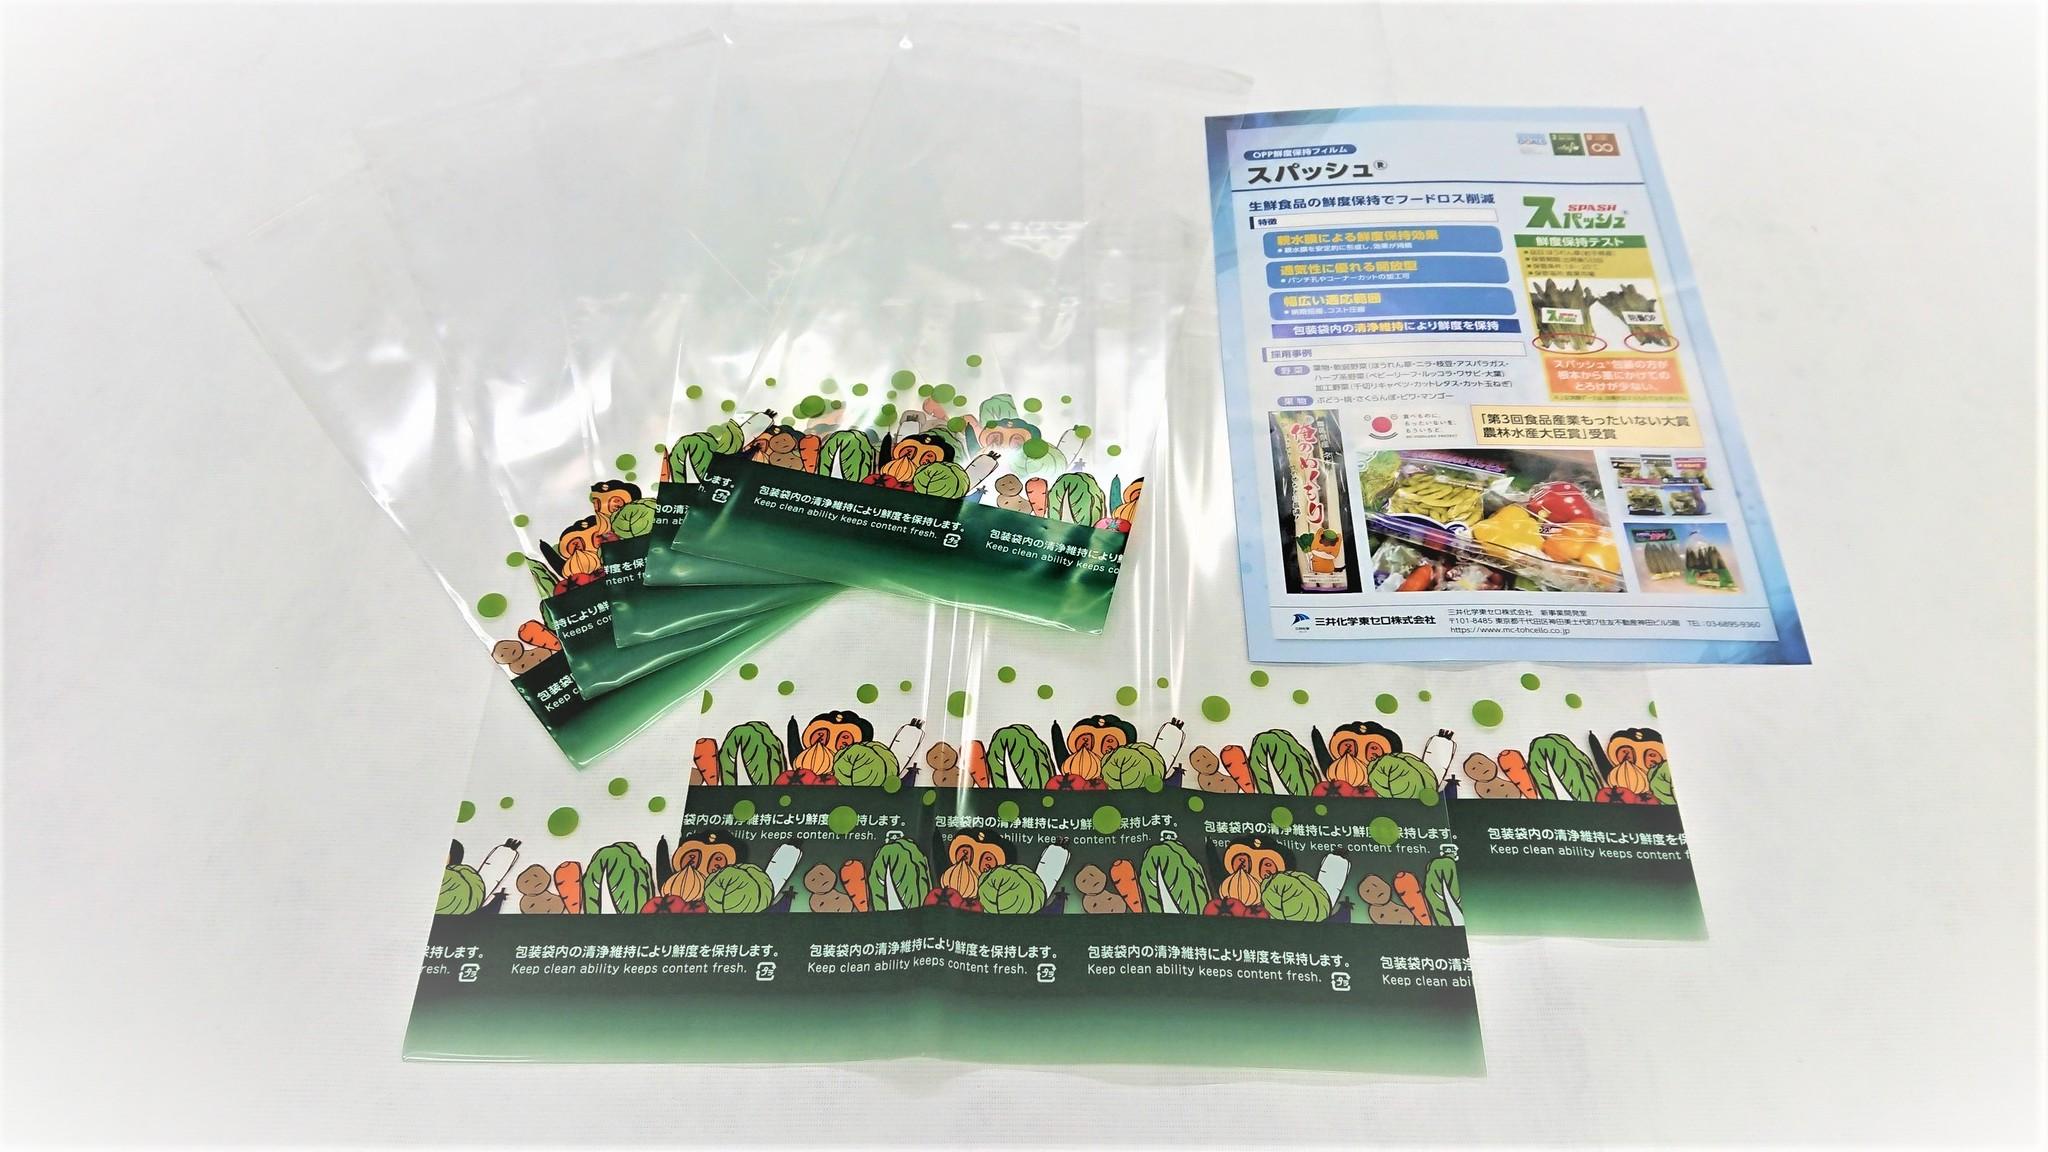 食品ロス削減は世界的課題です。当社は積極的に取組んでおり鮮度保持パッケージを取扱っております。